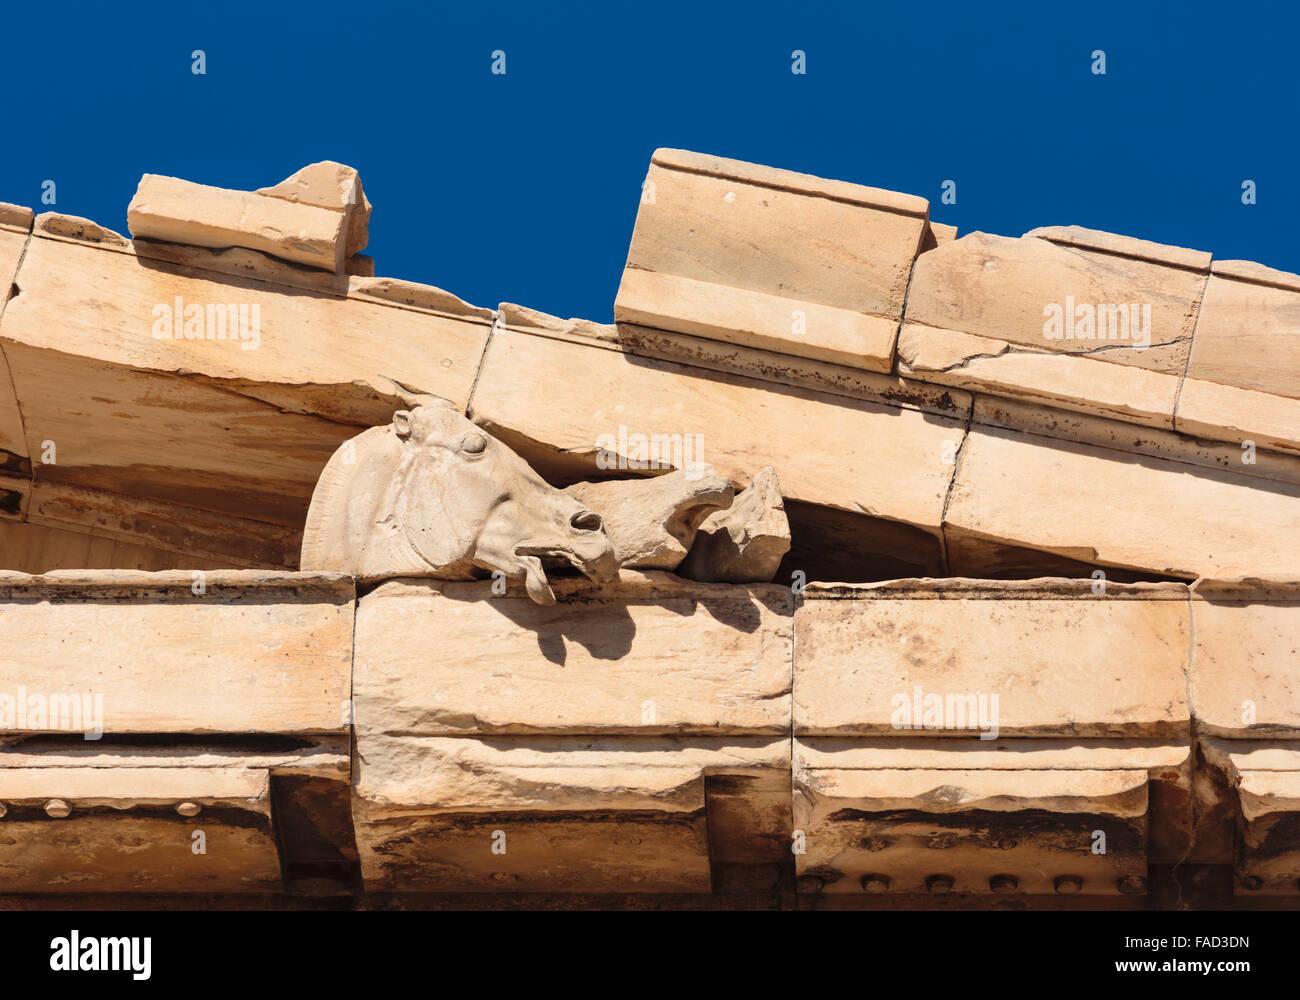 Athen, Attika, Griechenland. Östlichen Giebel des Parthenon, die überlebenden Skulpturen. Stockbild